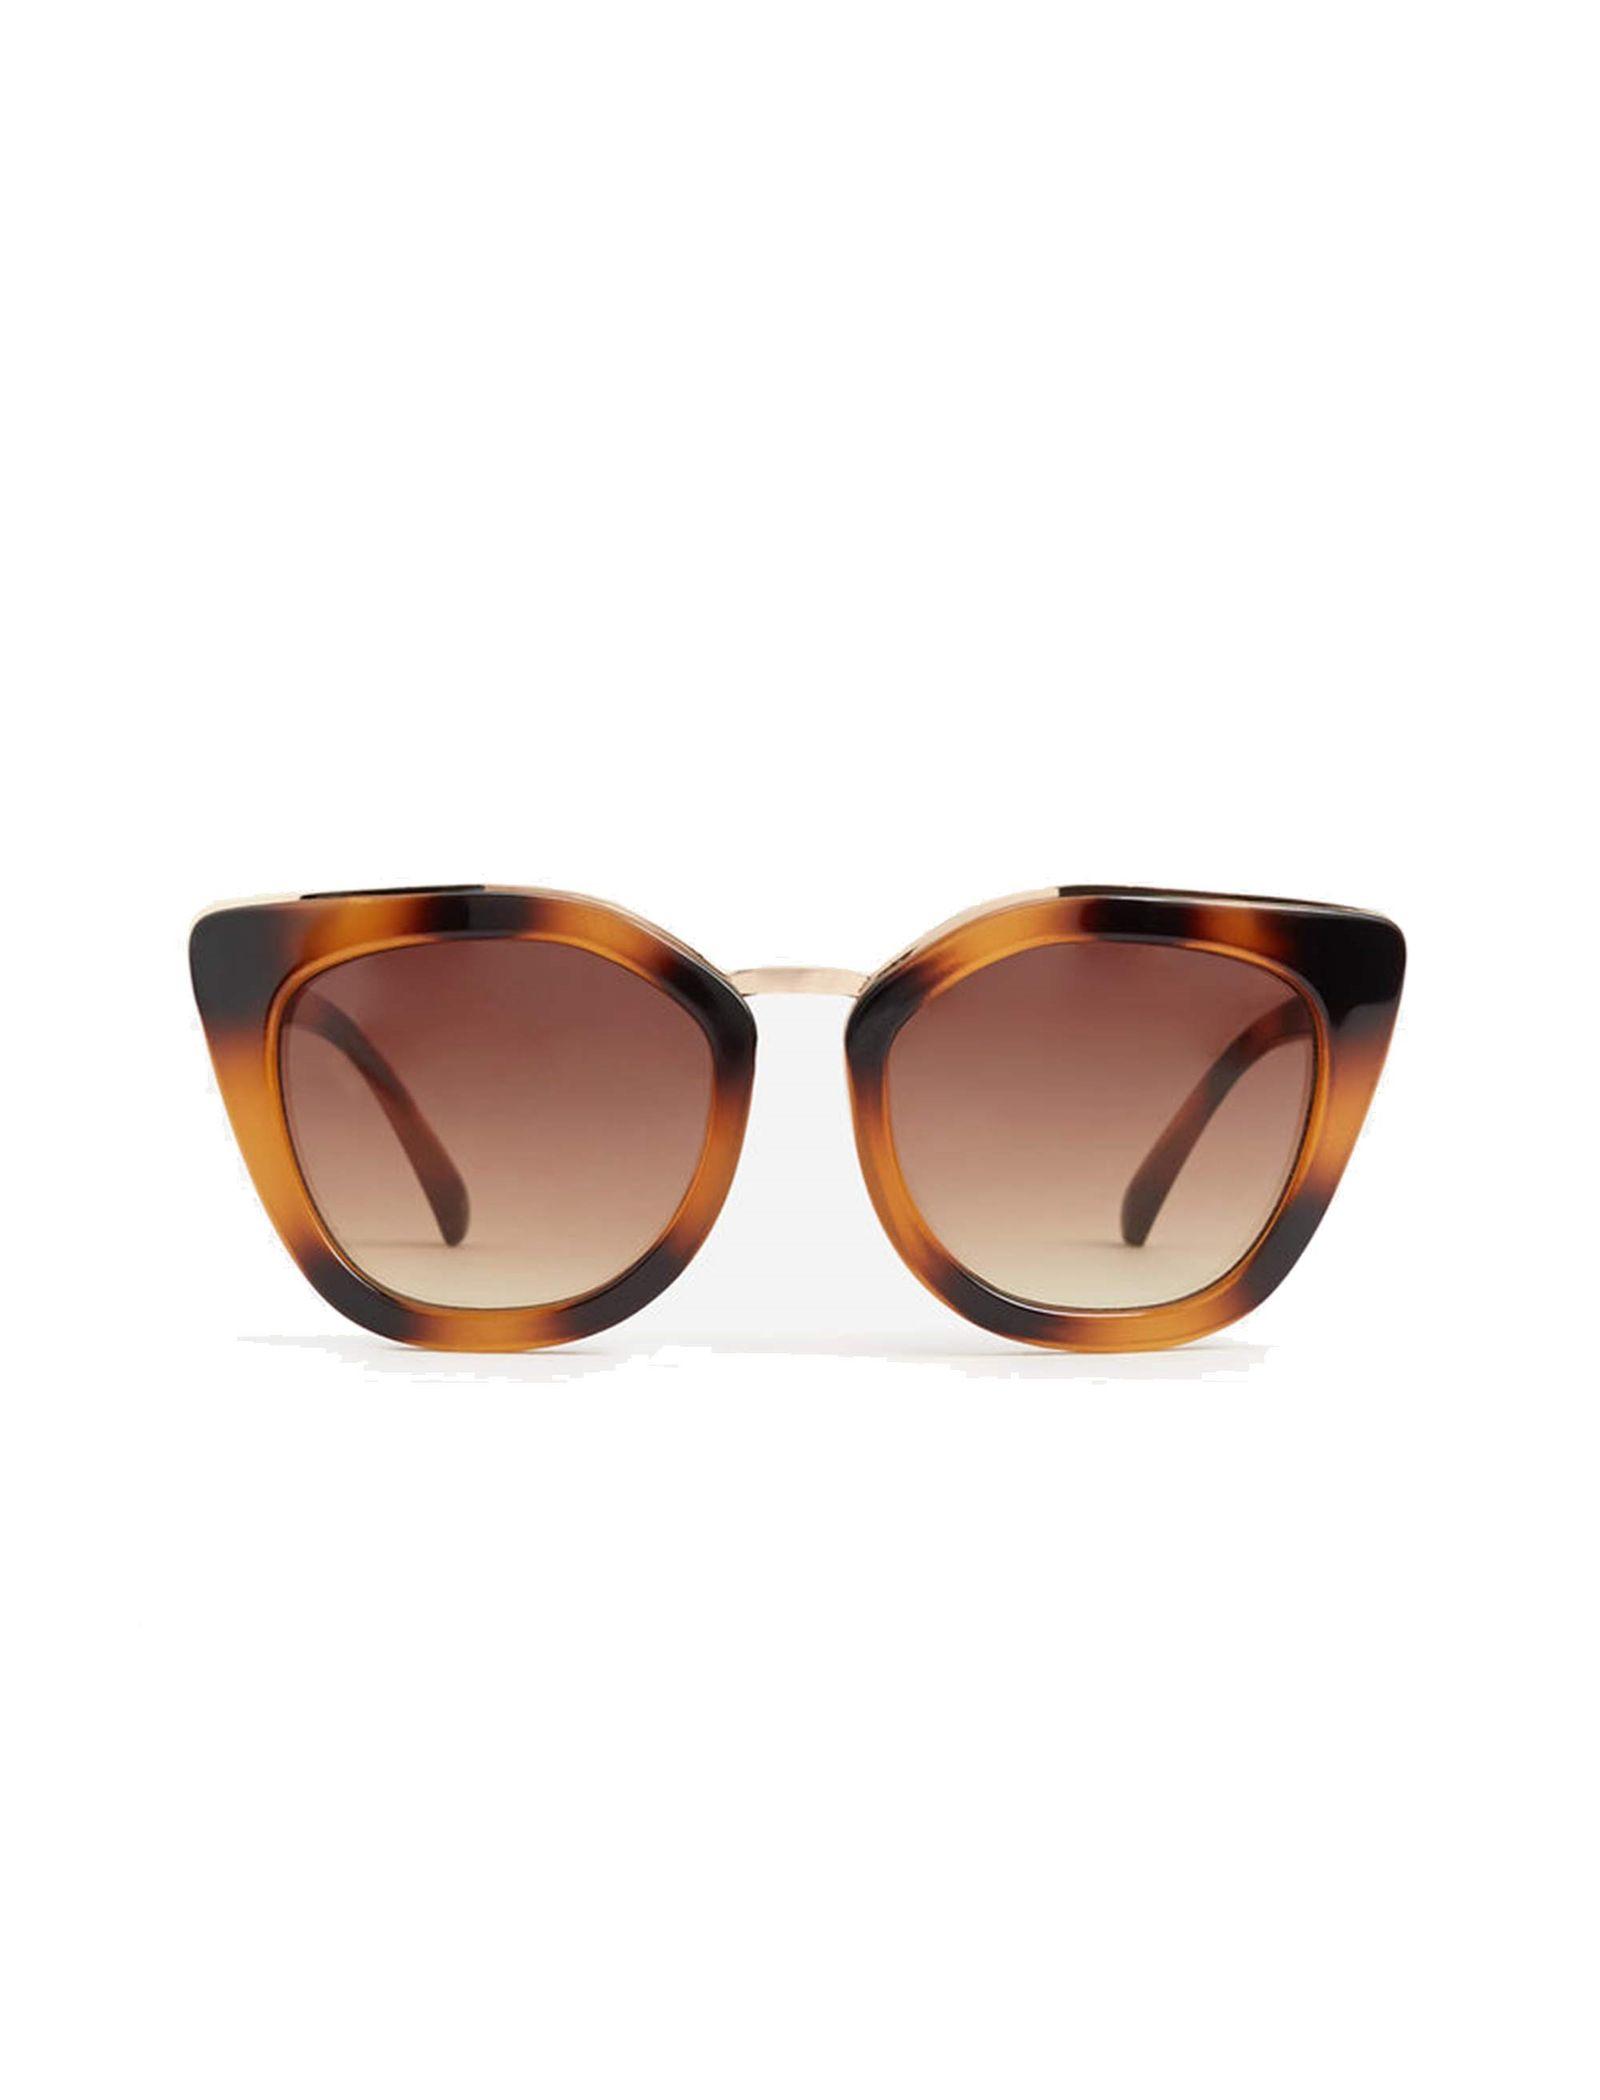 عینک آفتابی زنانه - مانگو - قهوه اي  - 1